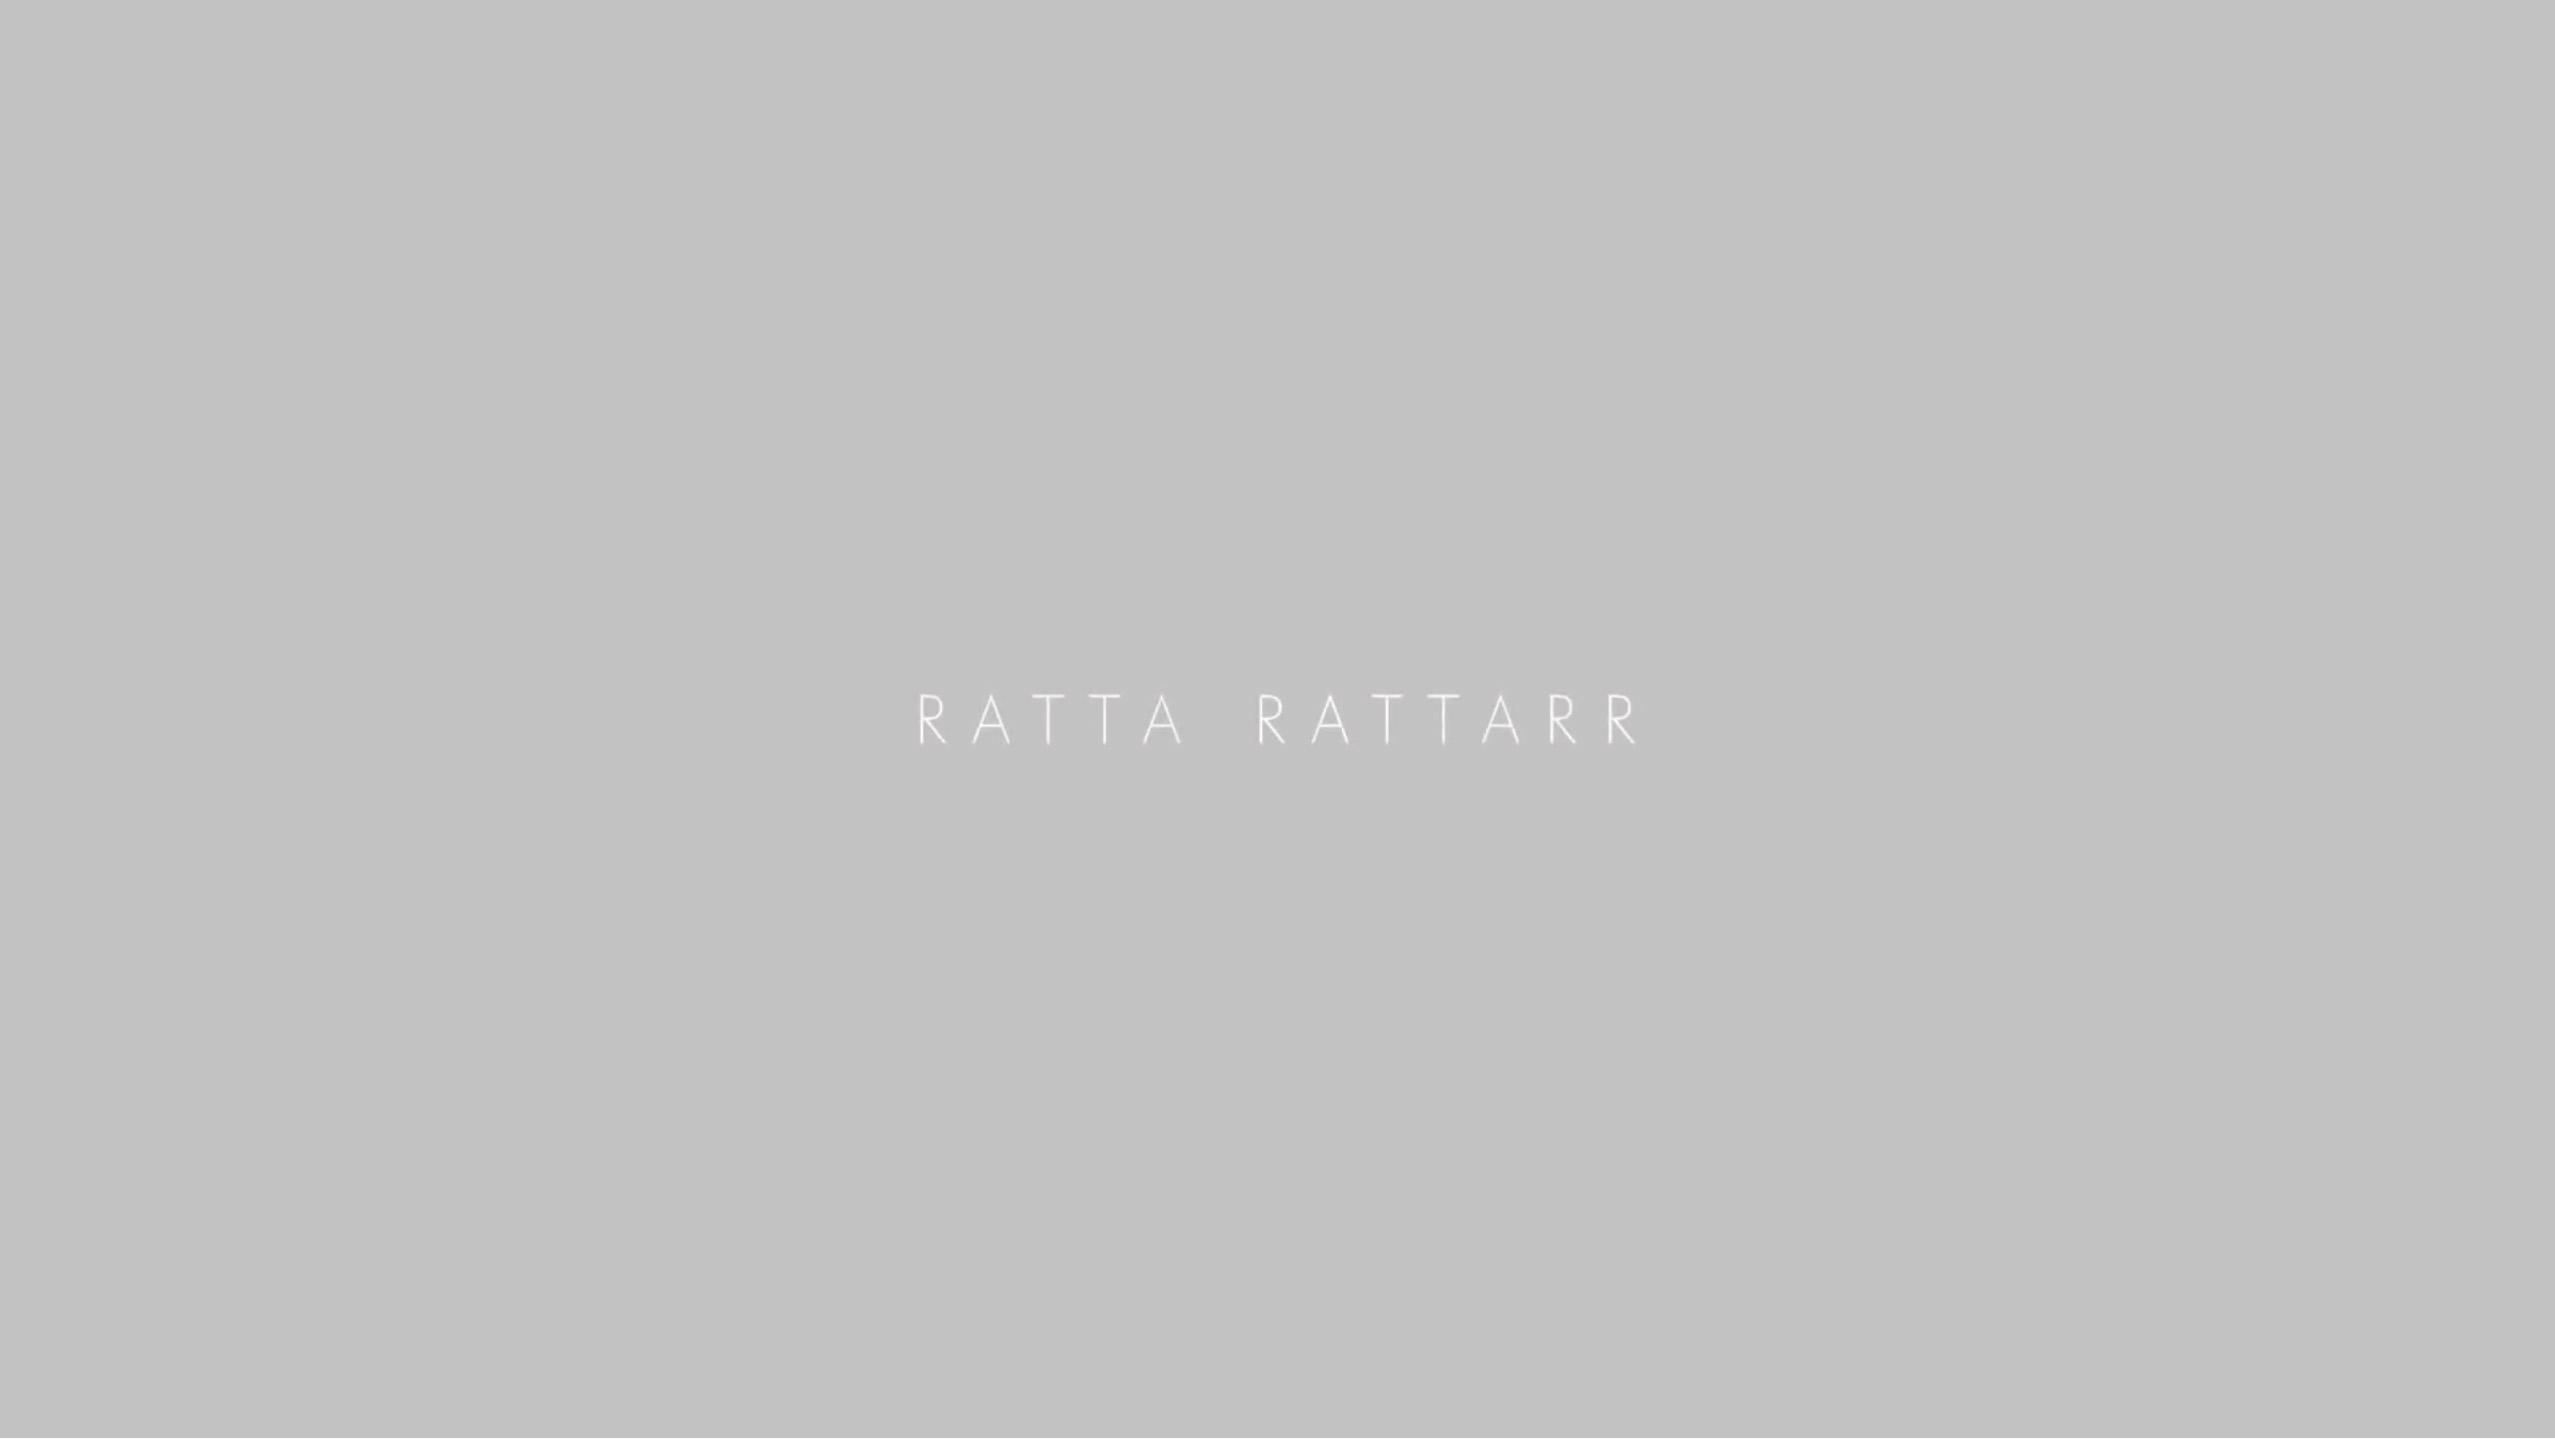 rattarattartitle